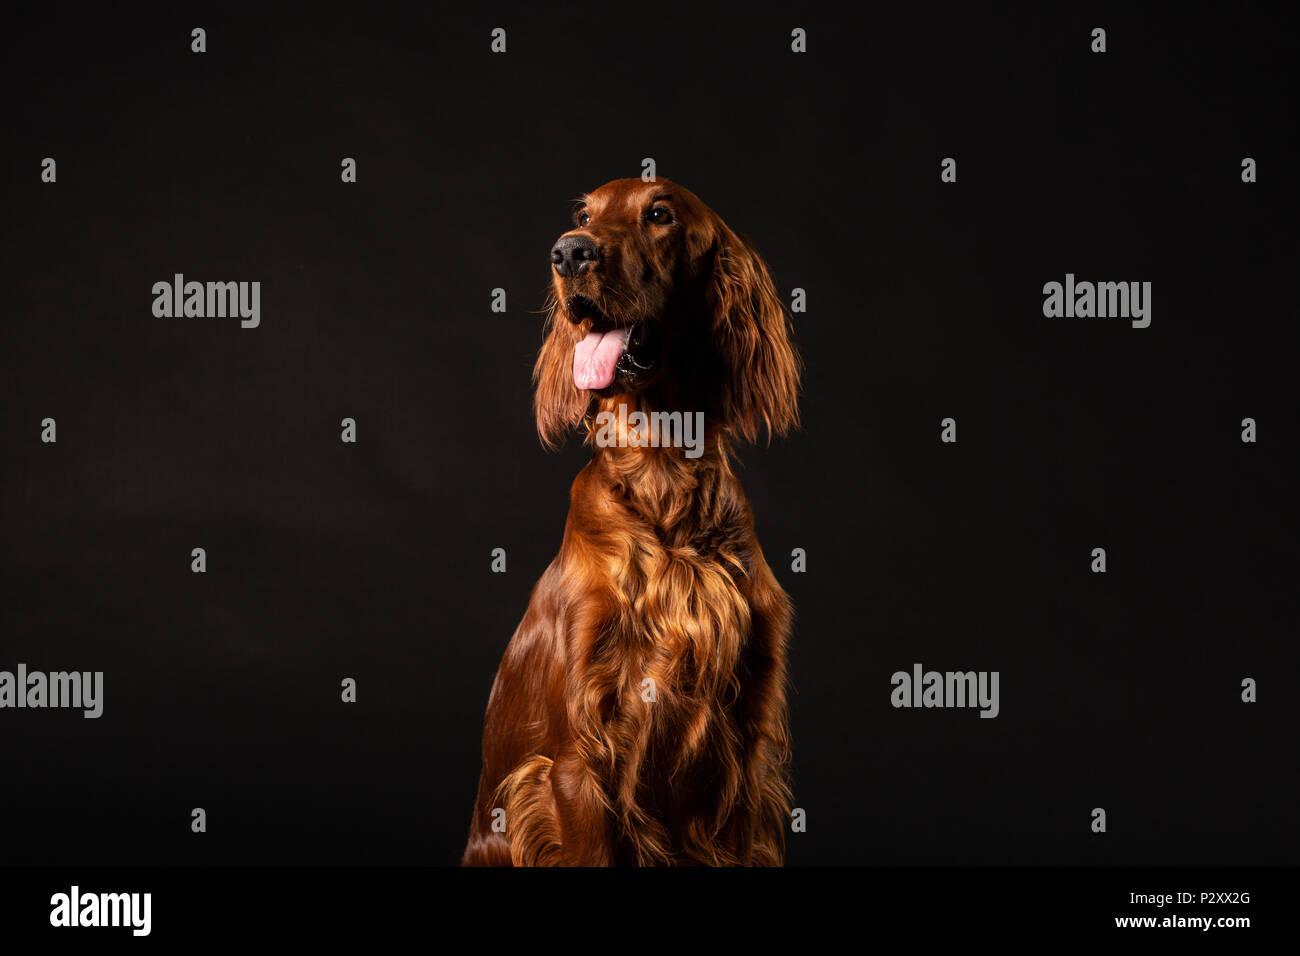 Portrait of Irish Setter dog isolated on black background Stock Photo